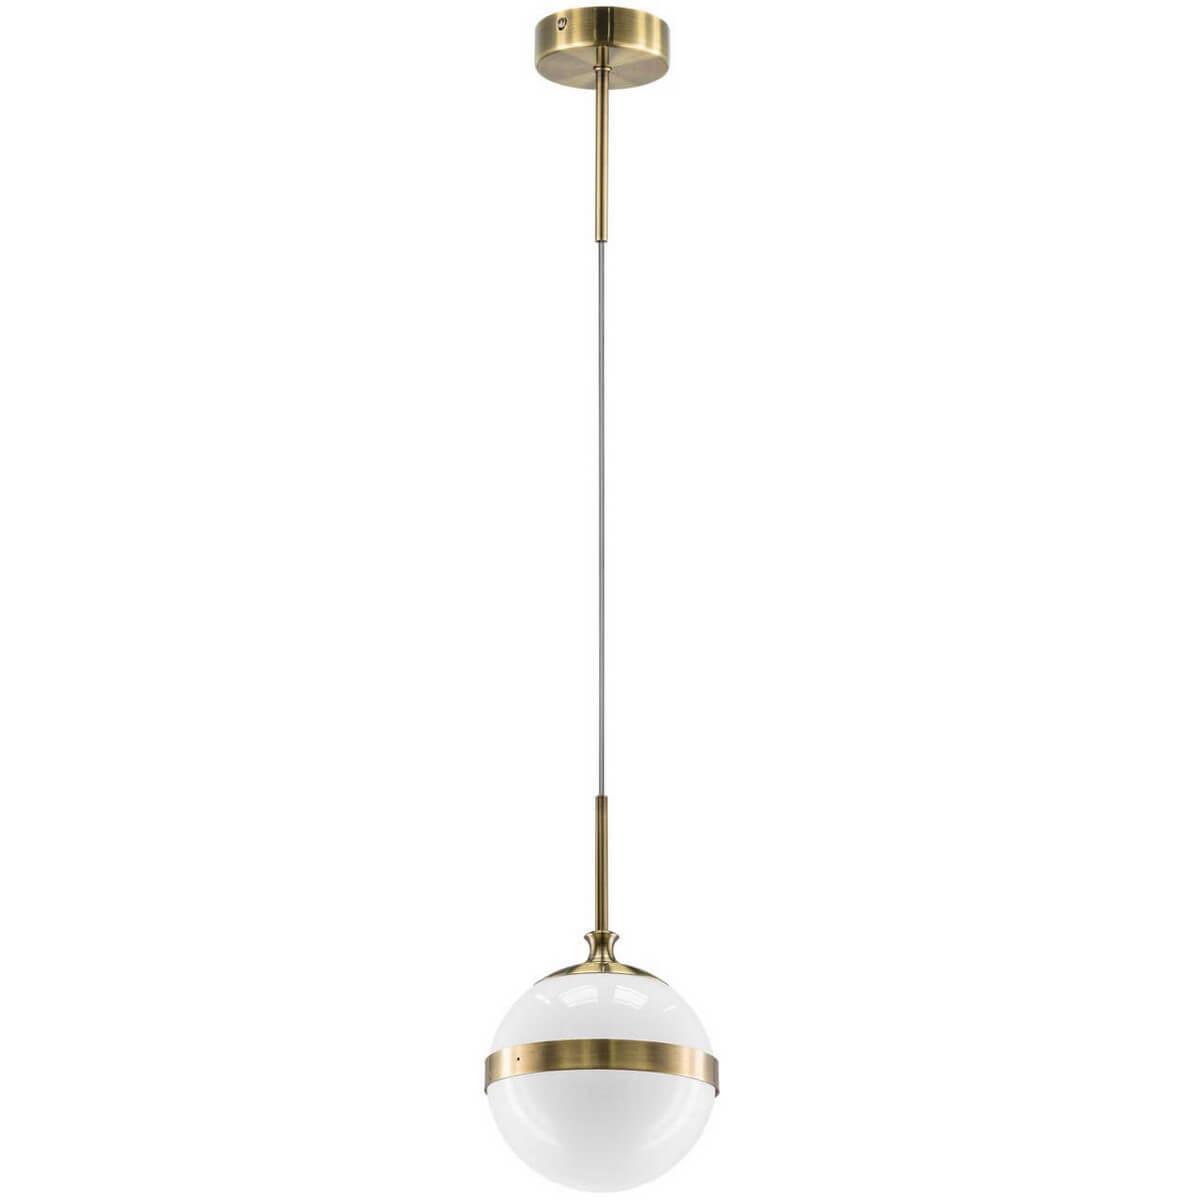 Подвесной светильник Lightstar 813111, E14, 40 Вт подвесной светильник globo 64118 6 e14 40 вт